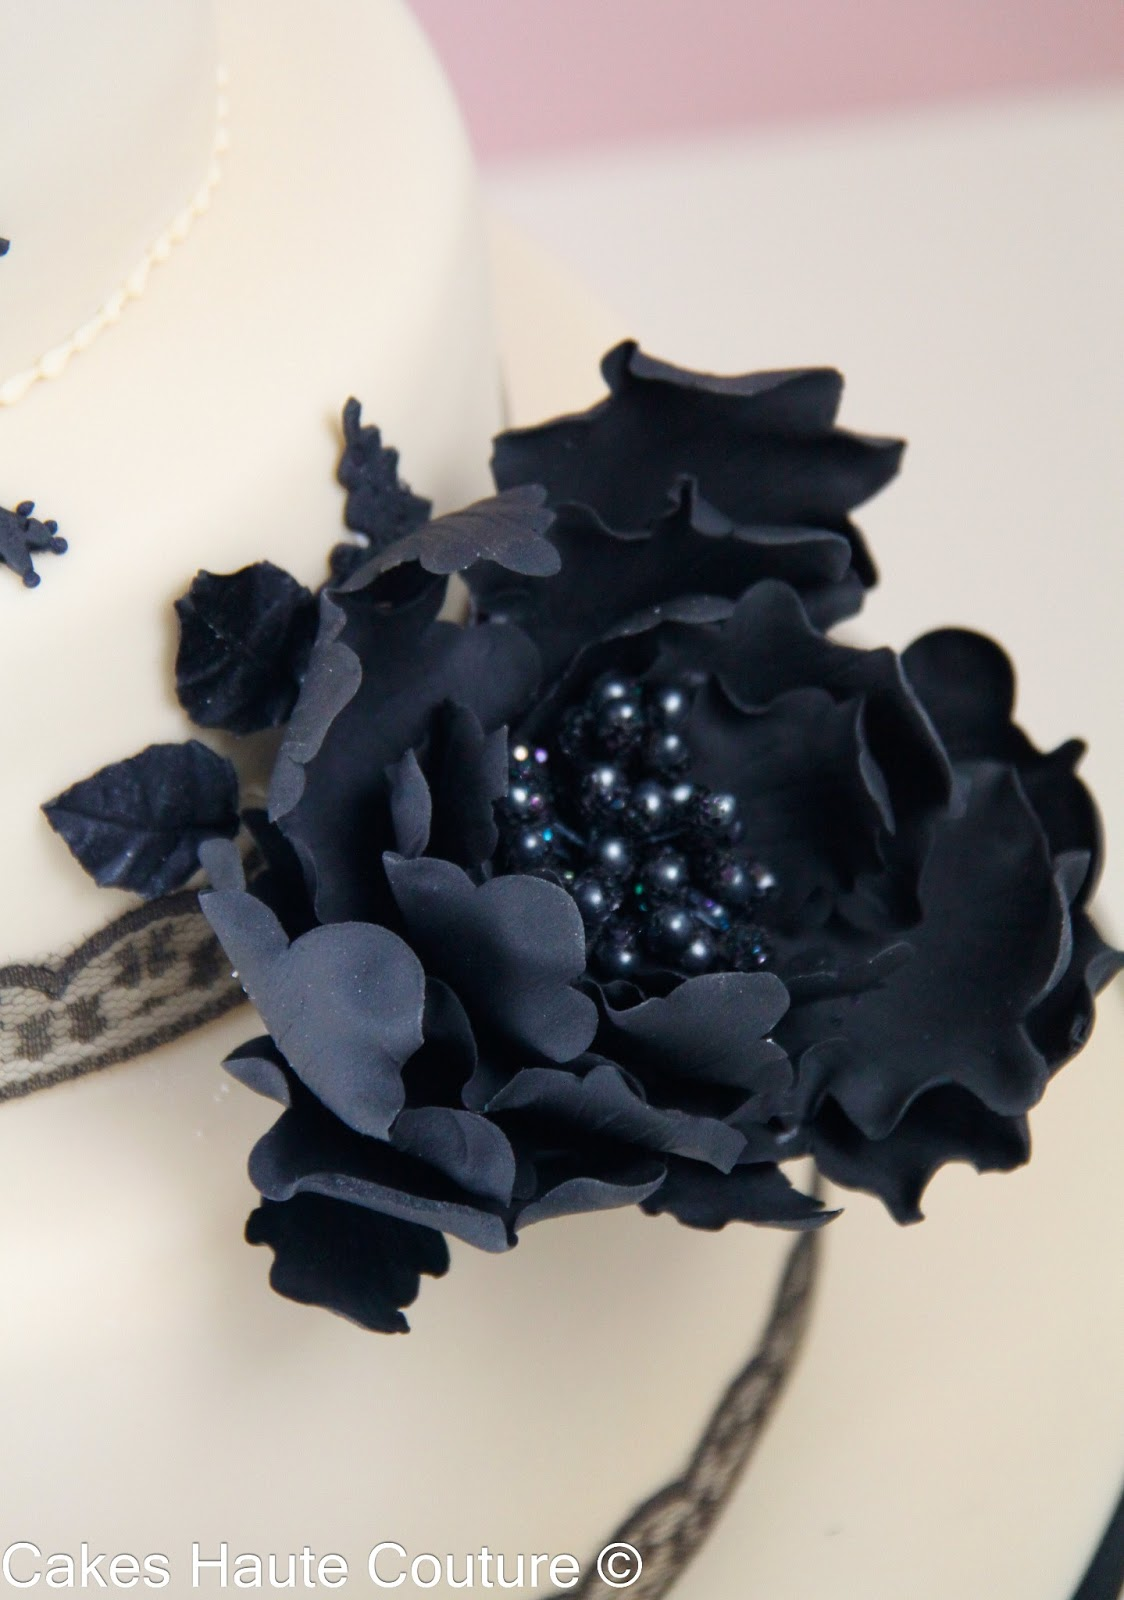 Cakes Haute Couture - El Blog de Patricia Arribálzaga: Peonías de azúcar